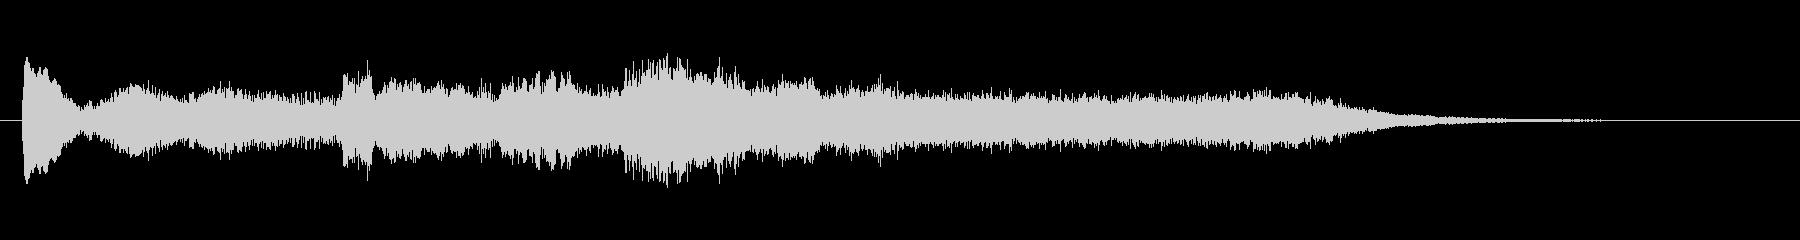 荘厳な電子音のサウンドロゴの未再生の波形